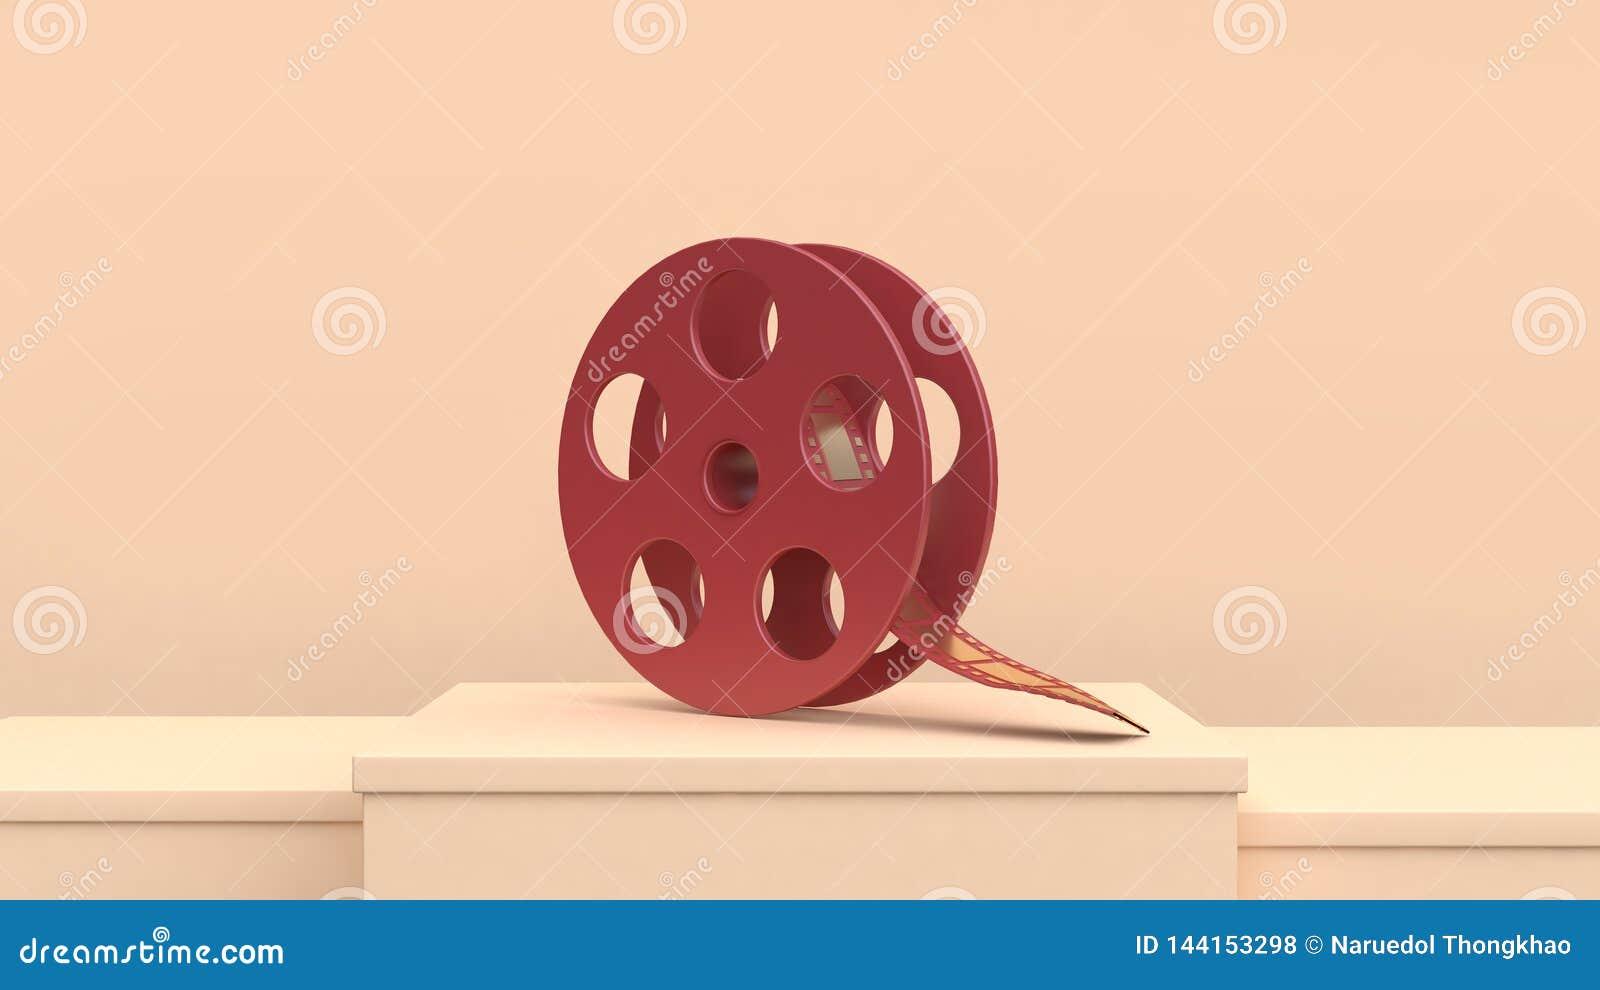 Concepto rojo del cineasta del cine de la película de la escena de la crema del carrete de película del oro de la representación